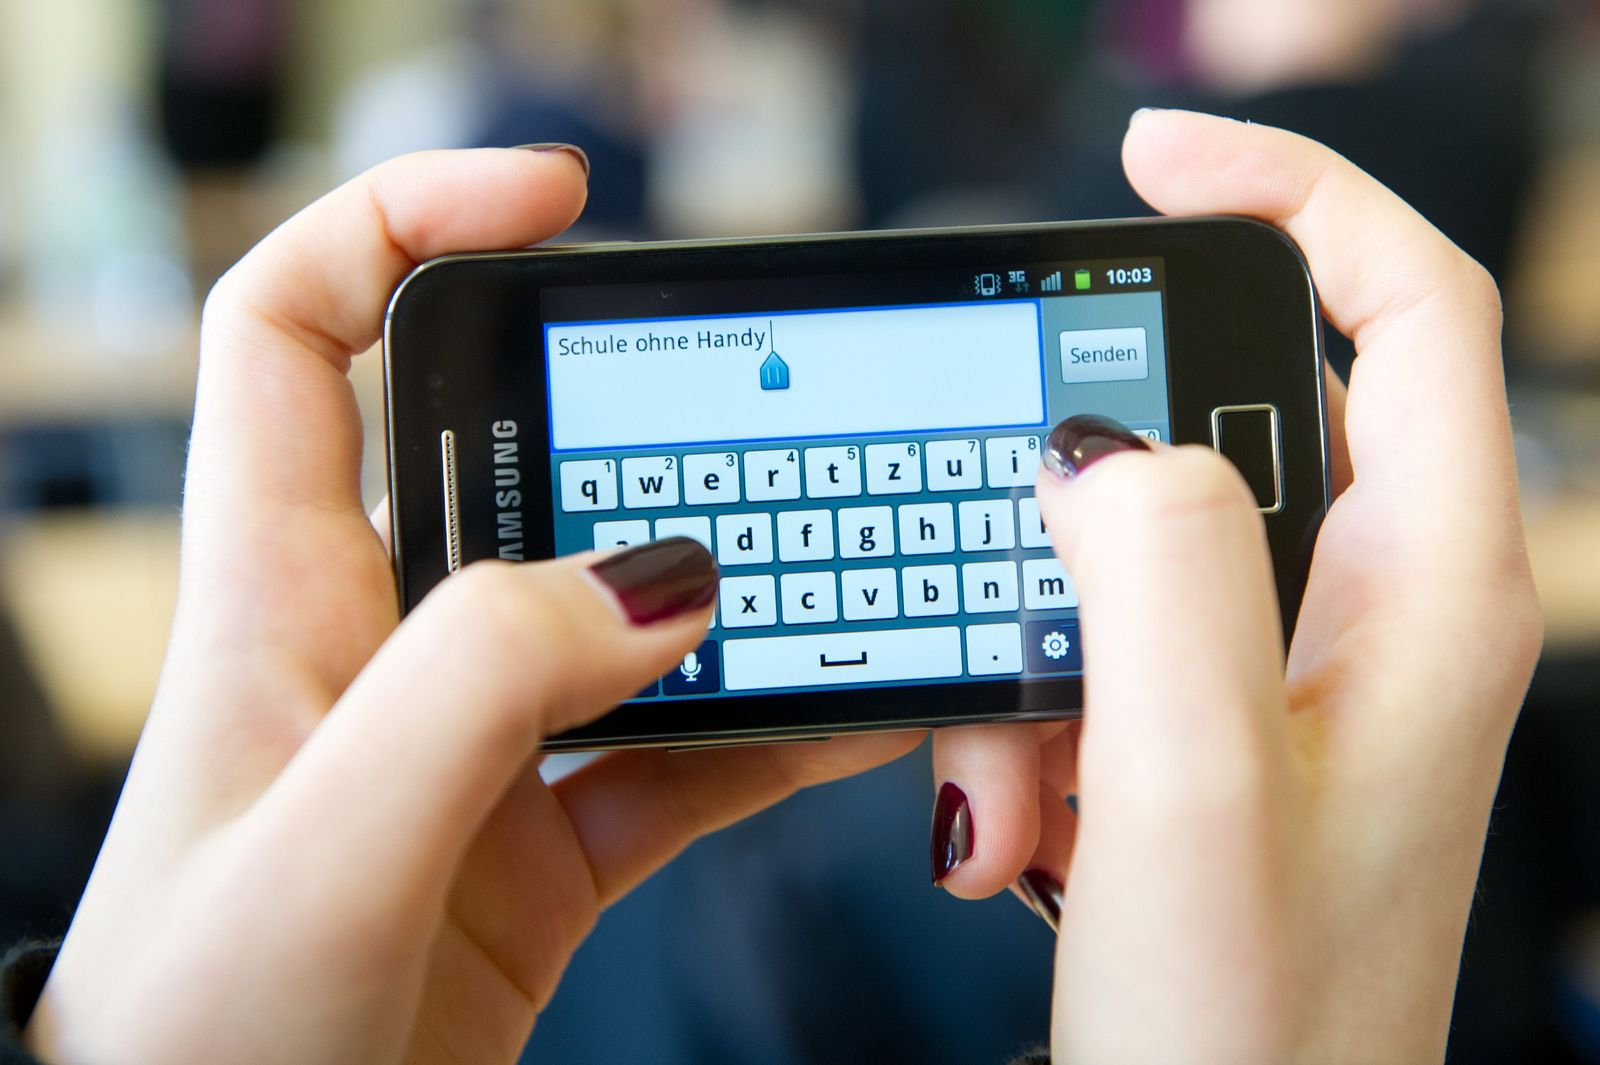 Handys anSchulen